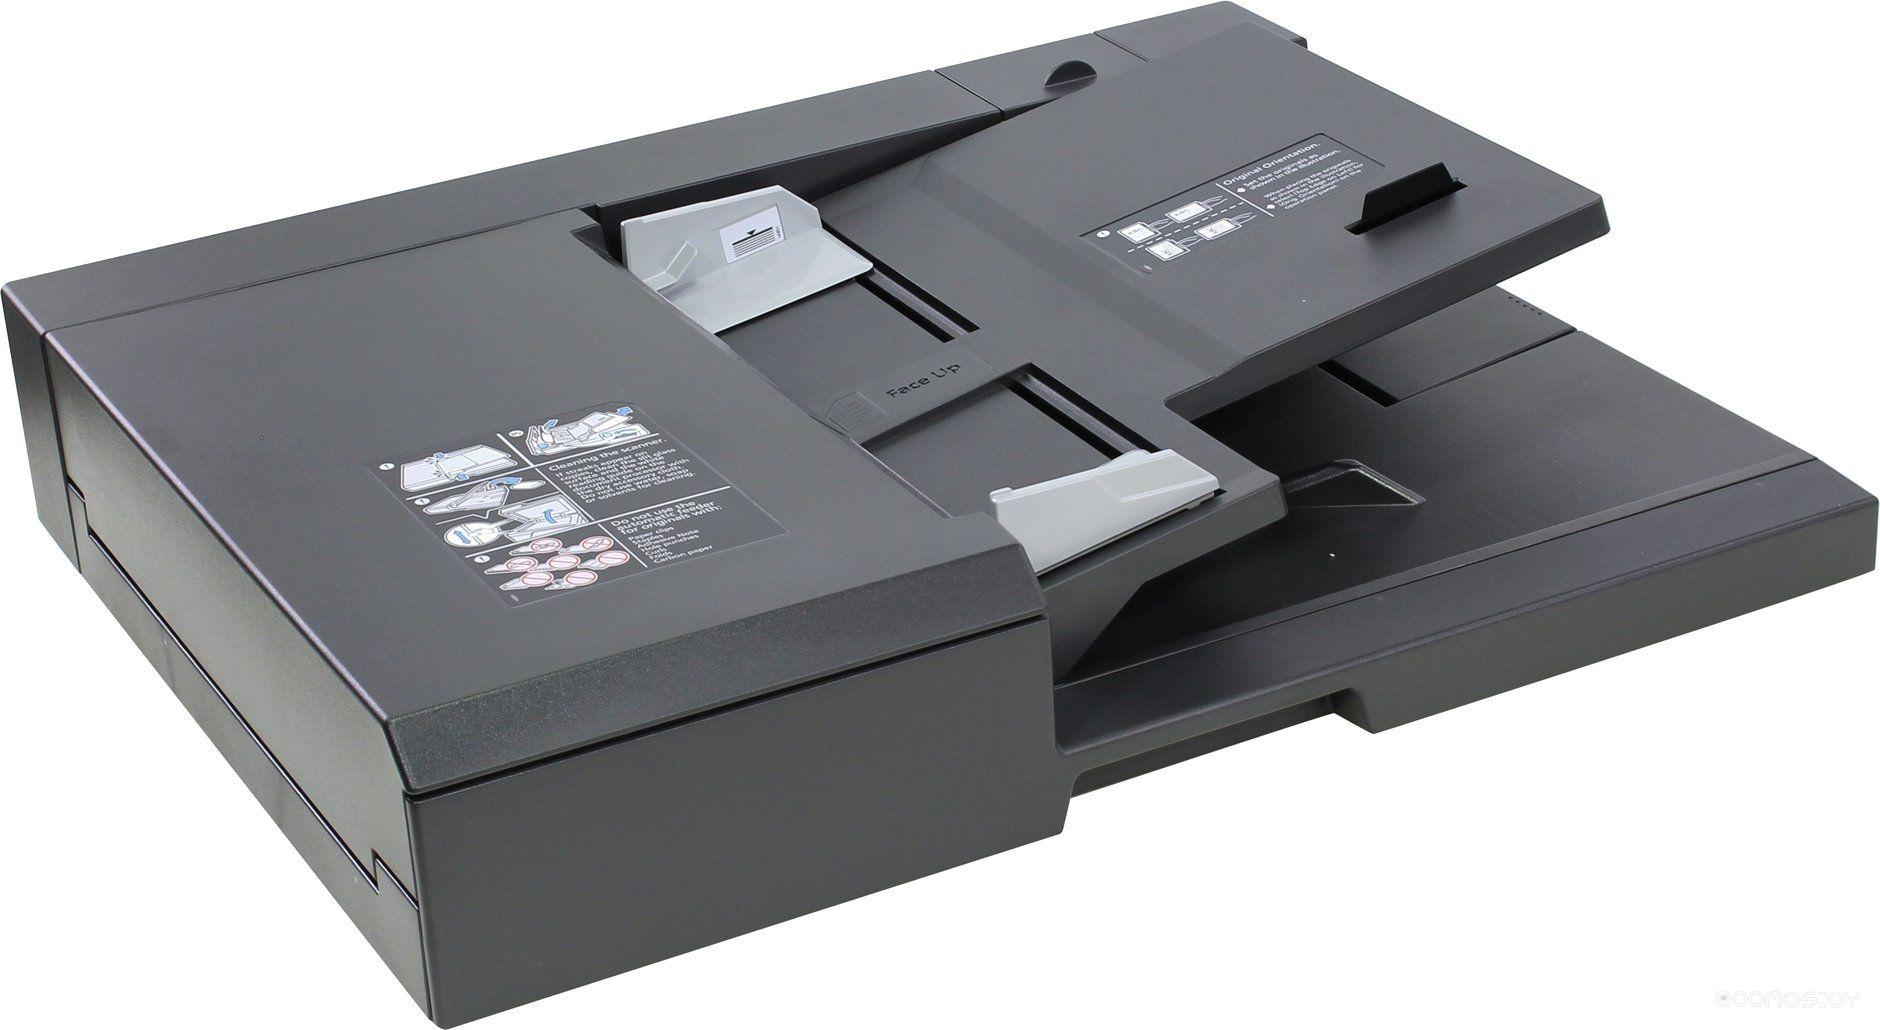 Автоподатчик бумаги Kyocera DP-480